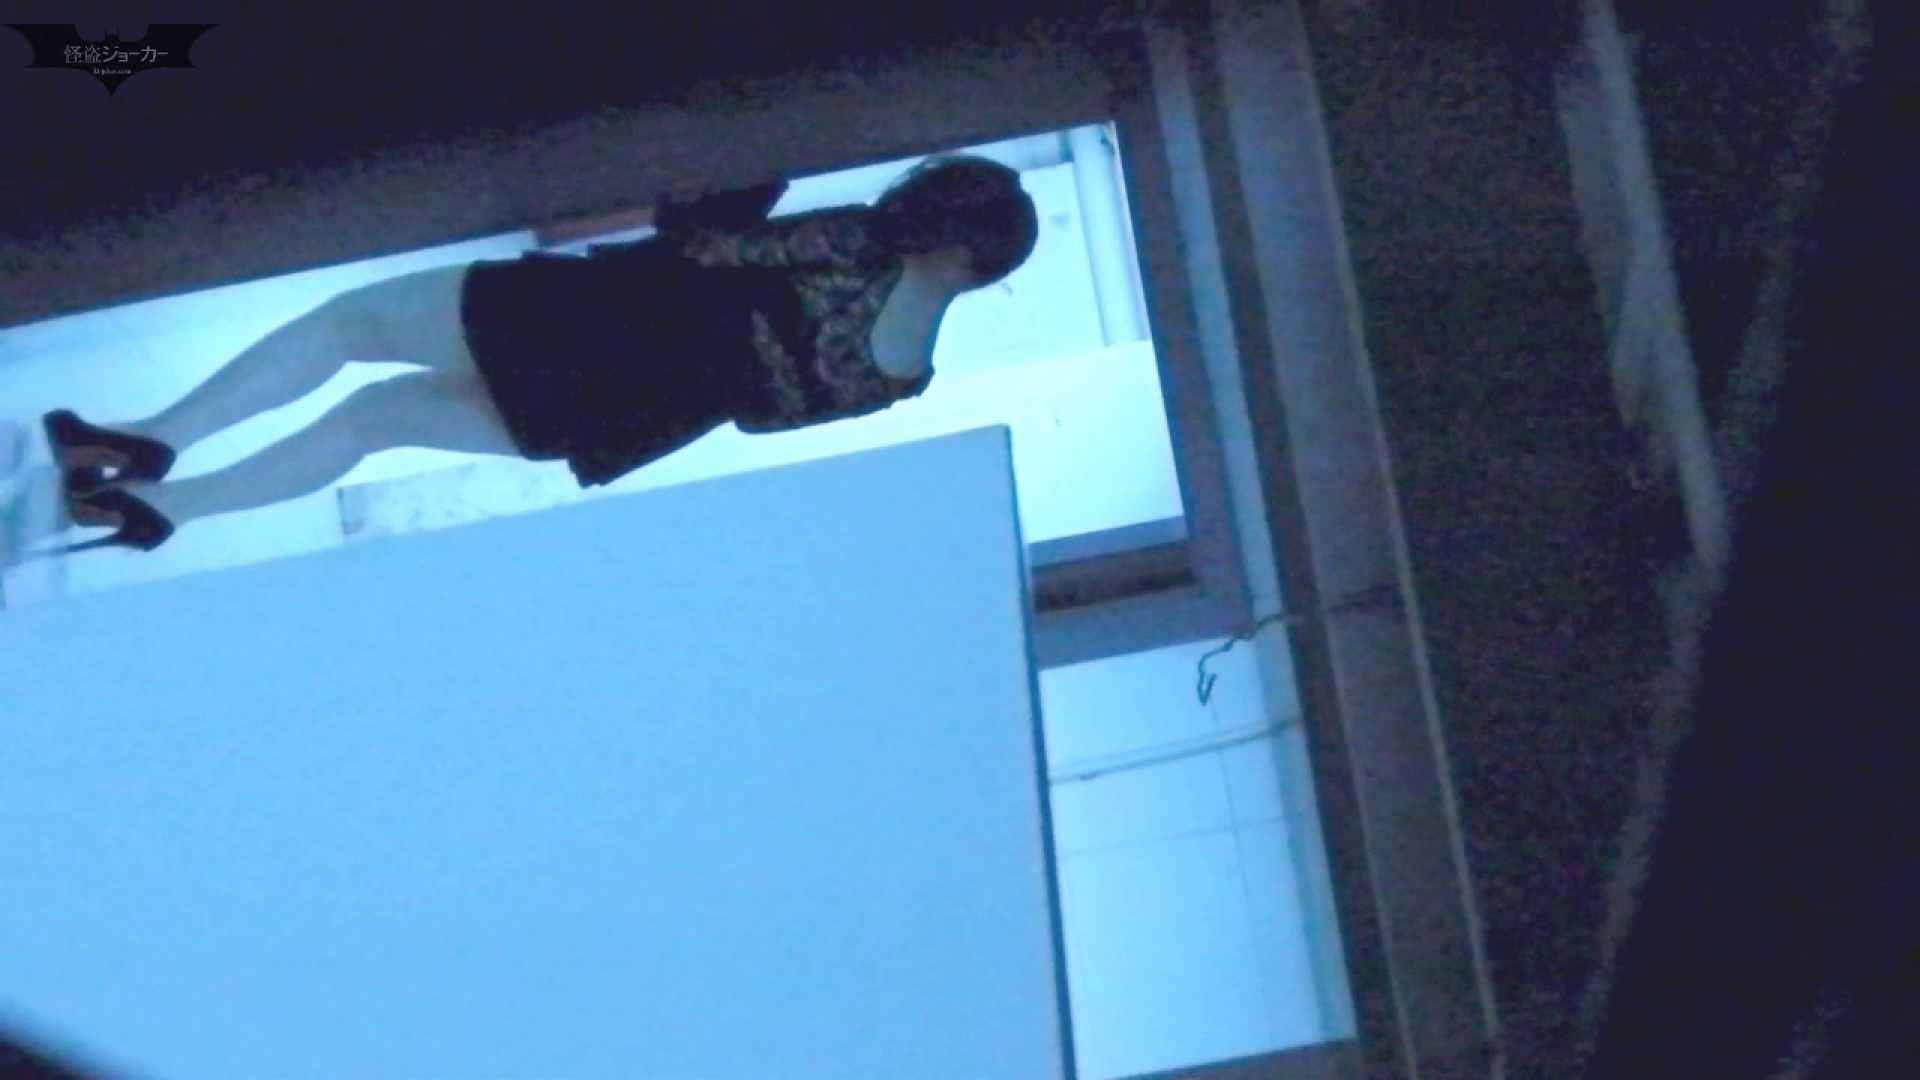 新世界の射窓 No61来ました!「ビジョビジョ」の美女達が・・・ 胸チラ・のぞき おまんこ無修正動画無料 104枚 7